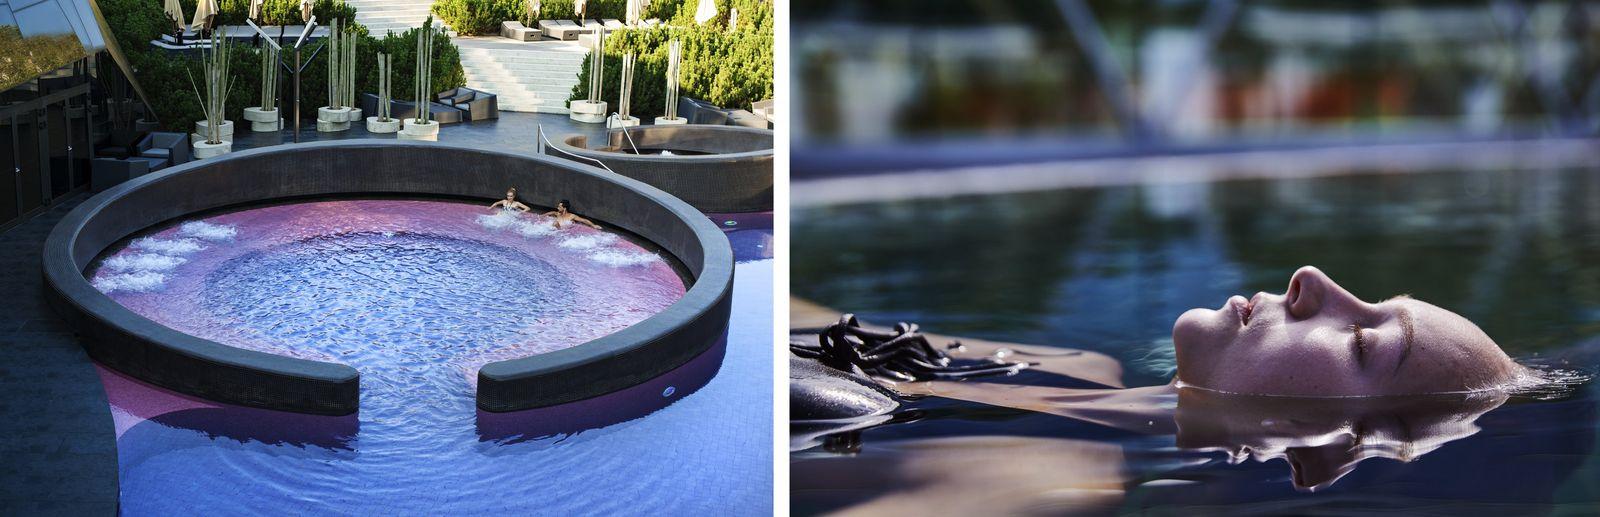 """Links: Die Terme Olimia lädt mir ihren modernen Thermalbadebecken zum Entspannen ein. Rechts: Das """"Schwarze Gold"""" ..."""